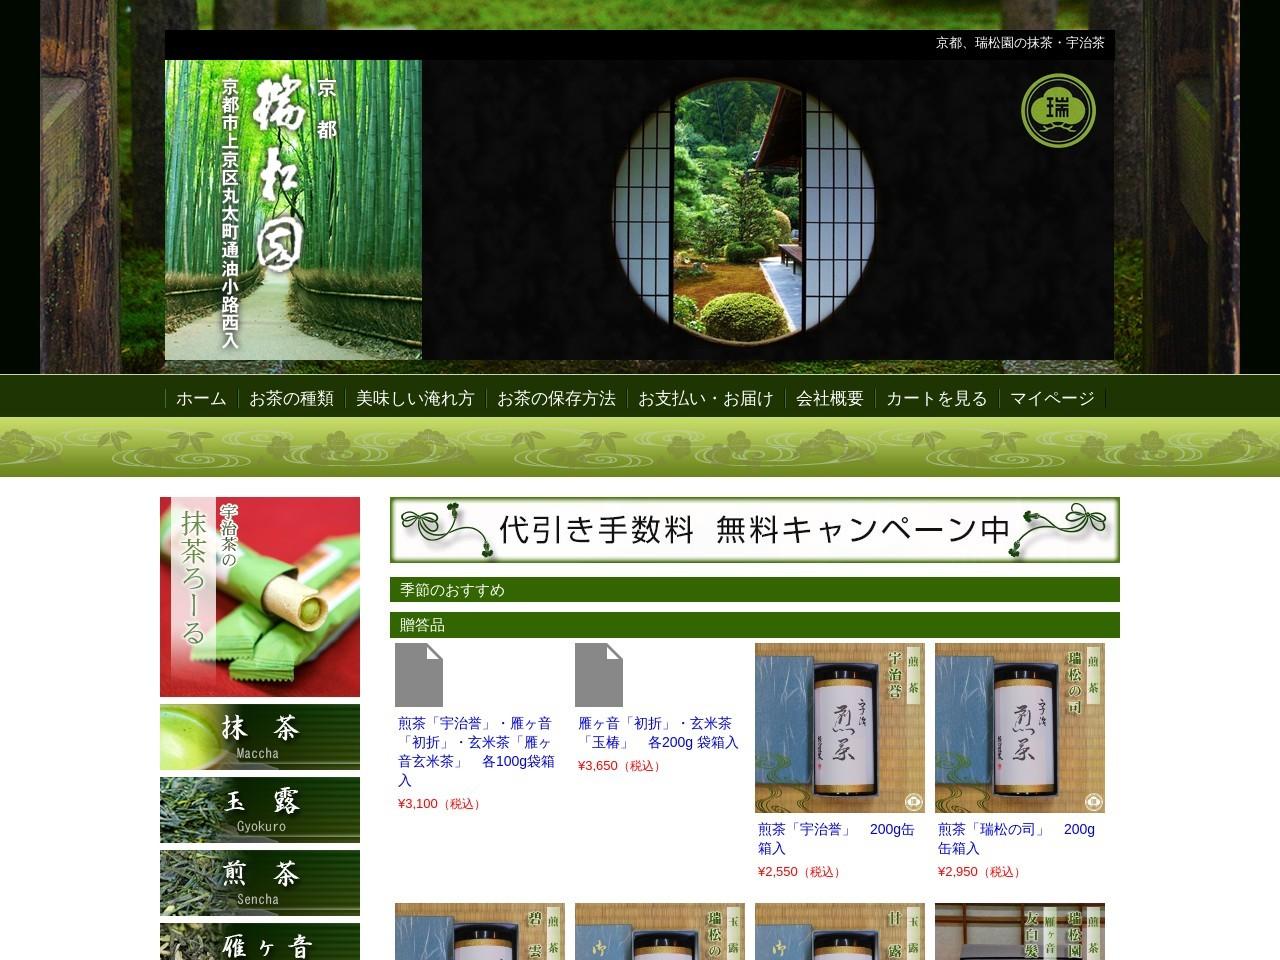 京都・宇治茶の「瑞松園 ずいしょうえん」